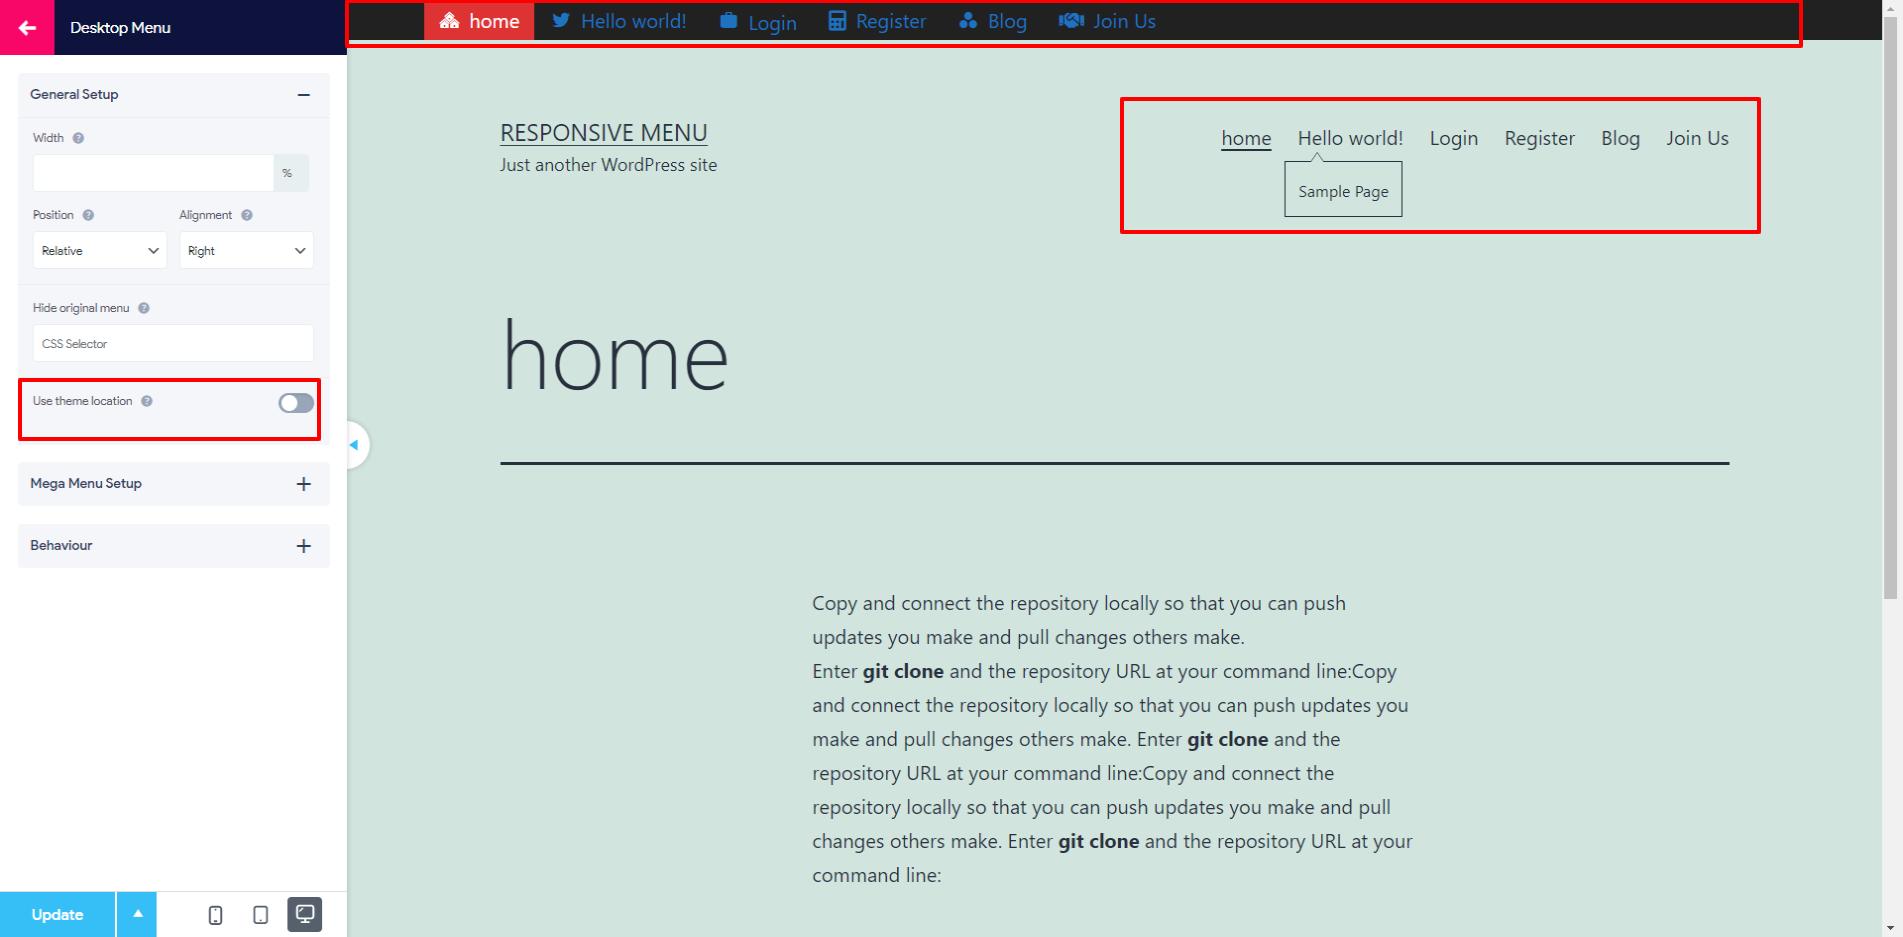 Theme Location Feature for Desktop Menu - Image 1